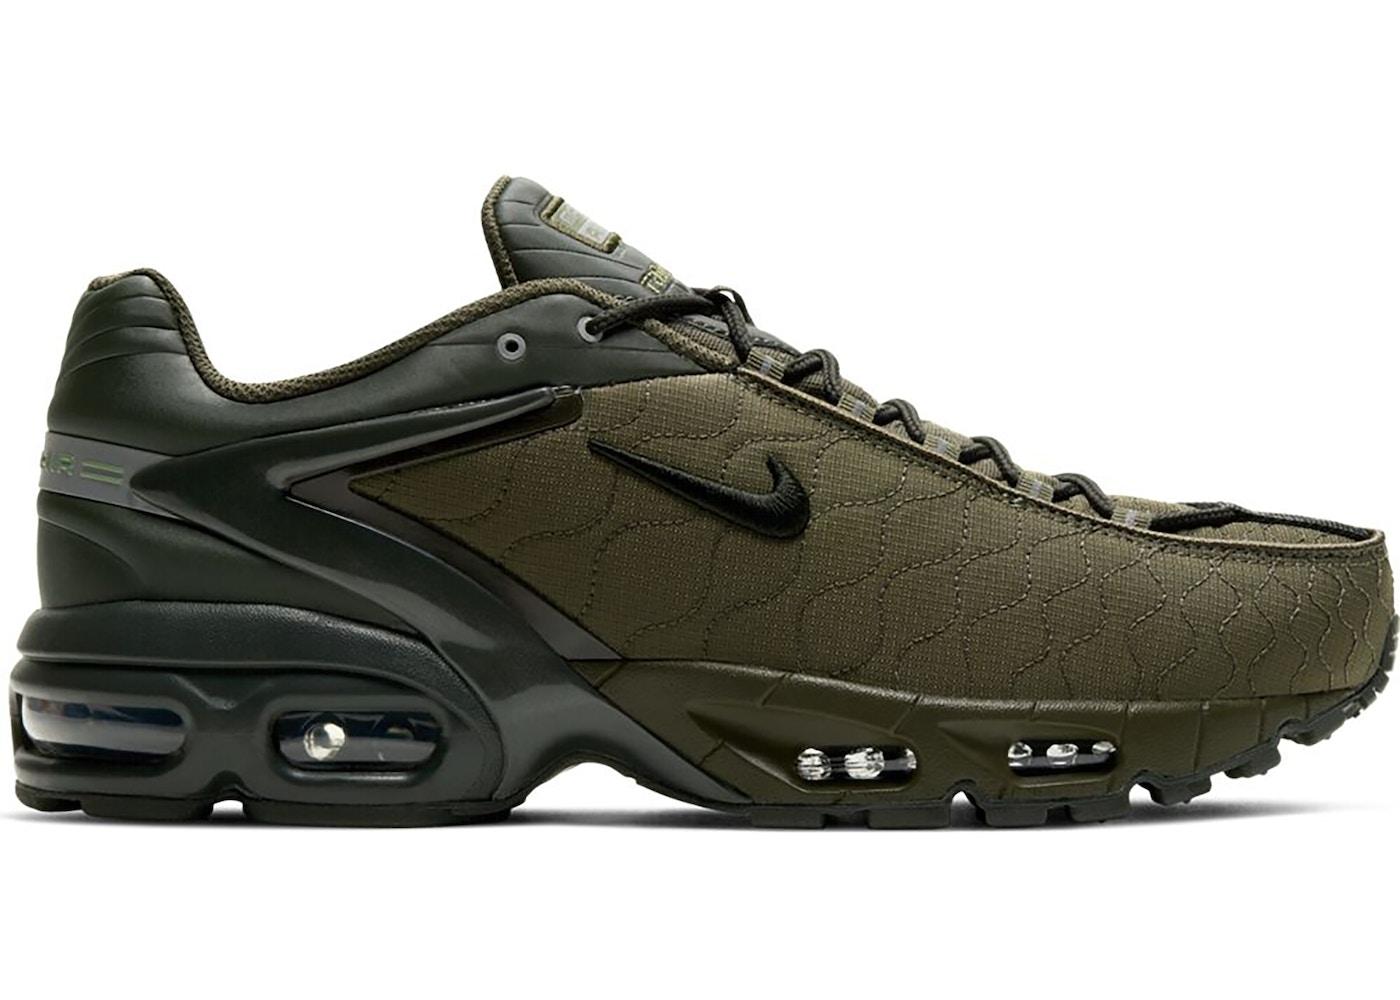 Nike Air Max Tailwind 5 Medium Olive - CQ8713-200